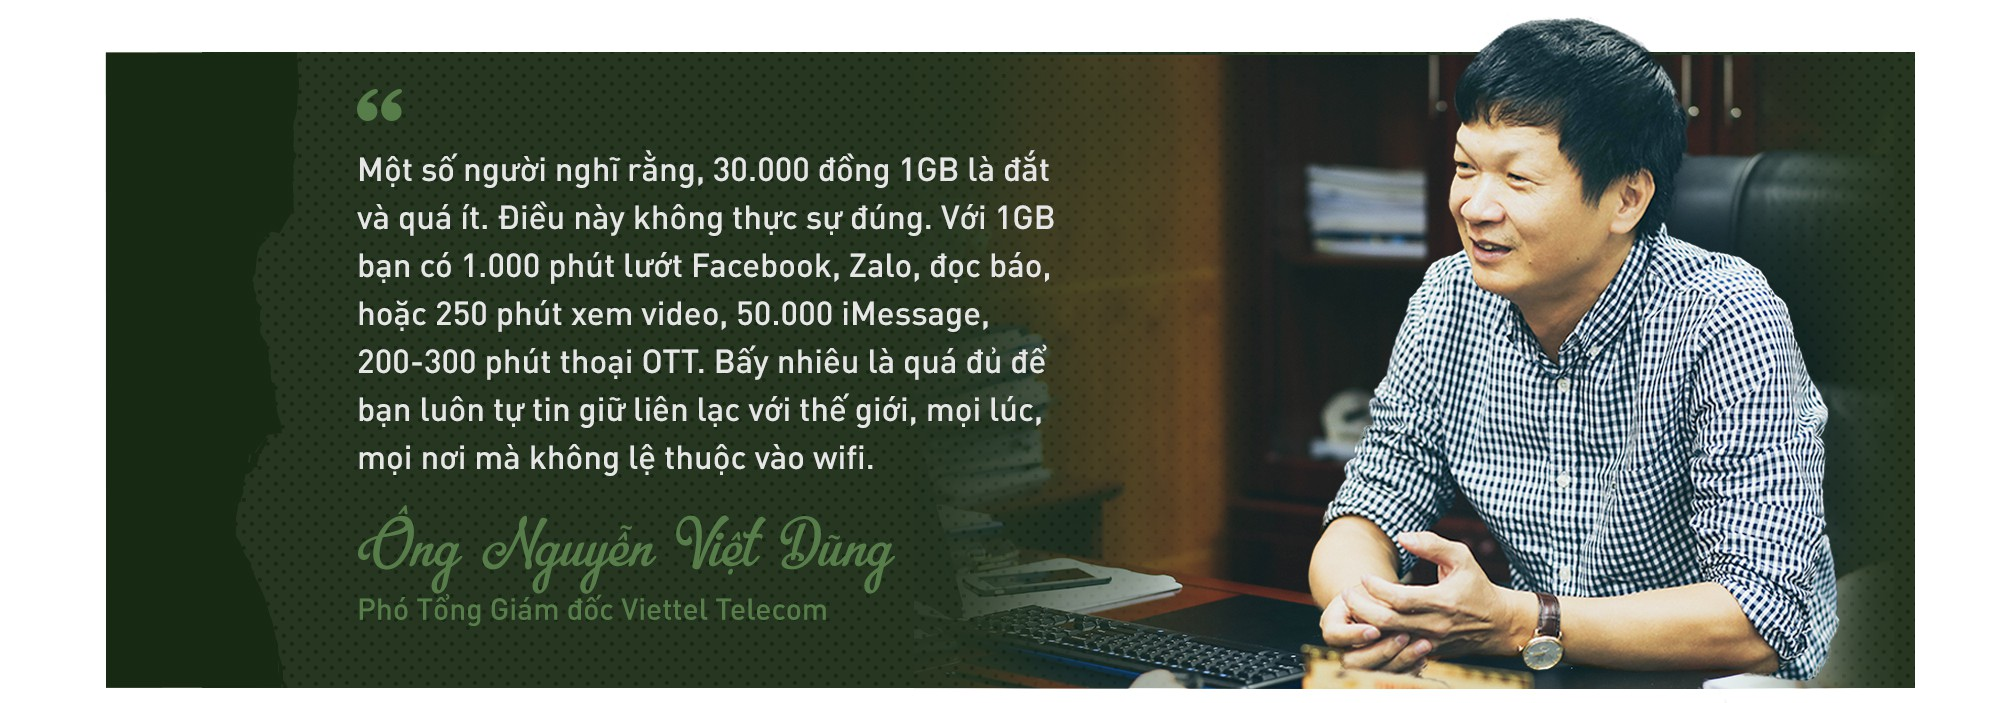 """""""Trái cà chua"""" mang theo nhiều kỳ vọng của Tập đoàn Viễn thông hàng đầu Việt Nam - Ảnh 6."""